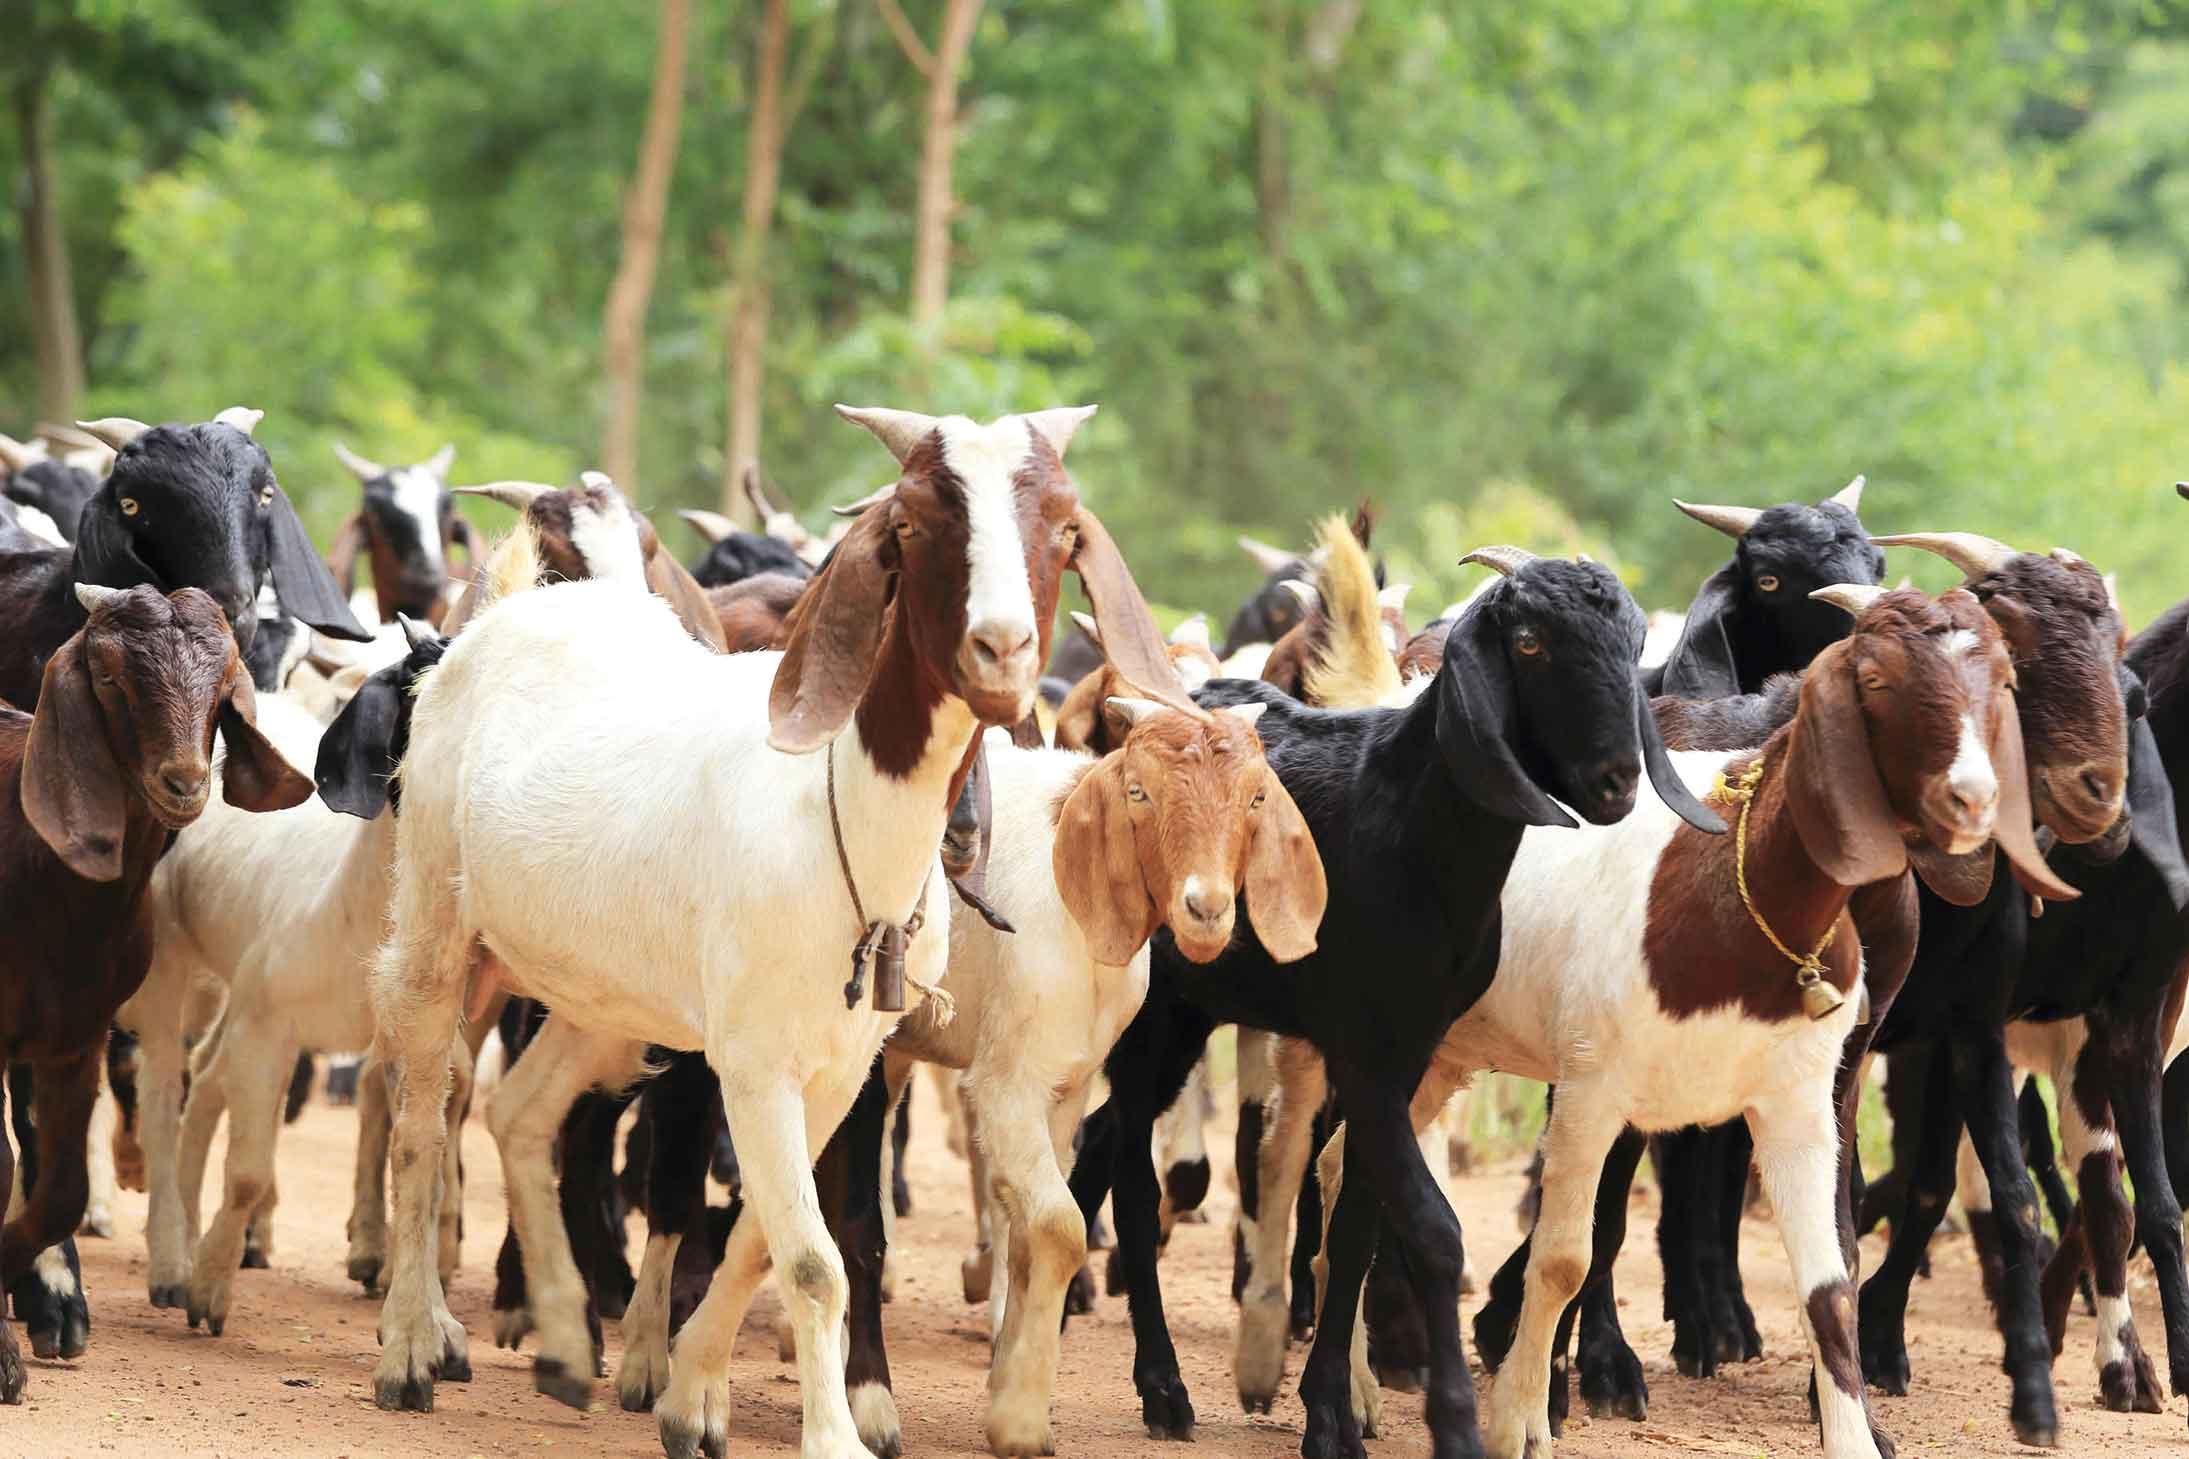 Pindamonhangaba-Turismo-Rural-Cabras-shutterstock_156118109-bx